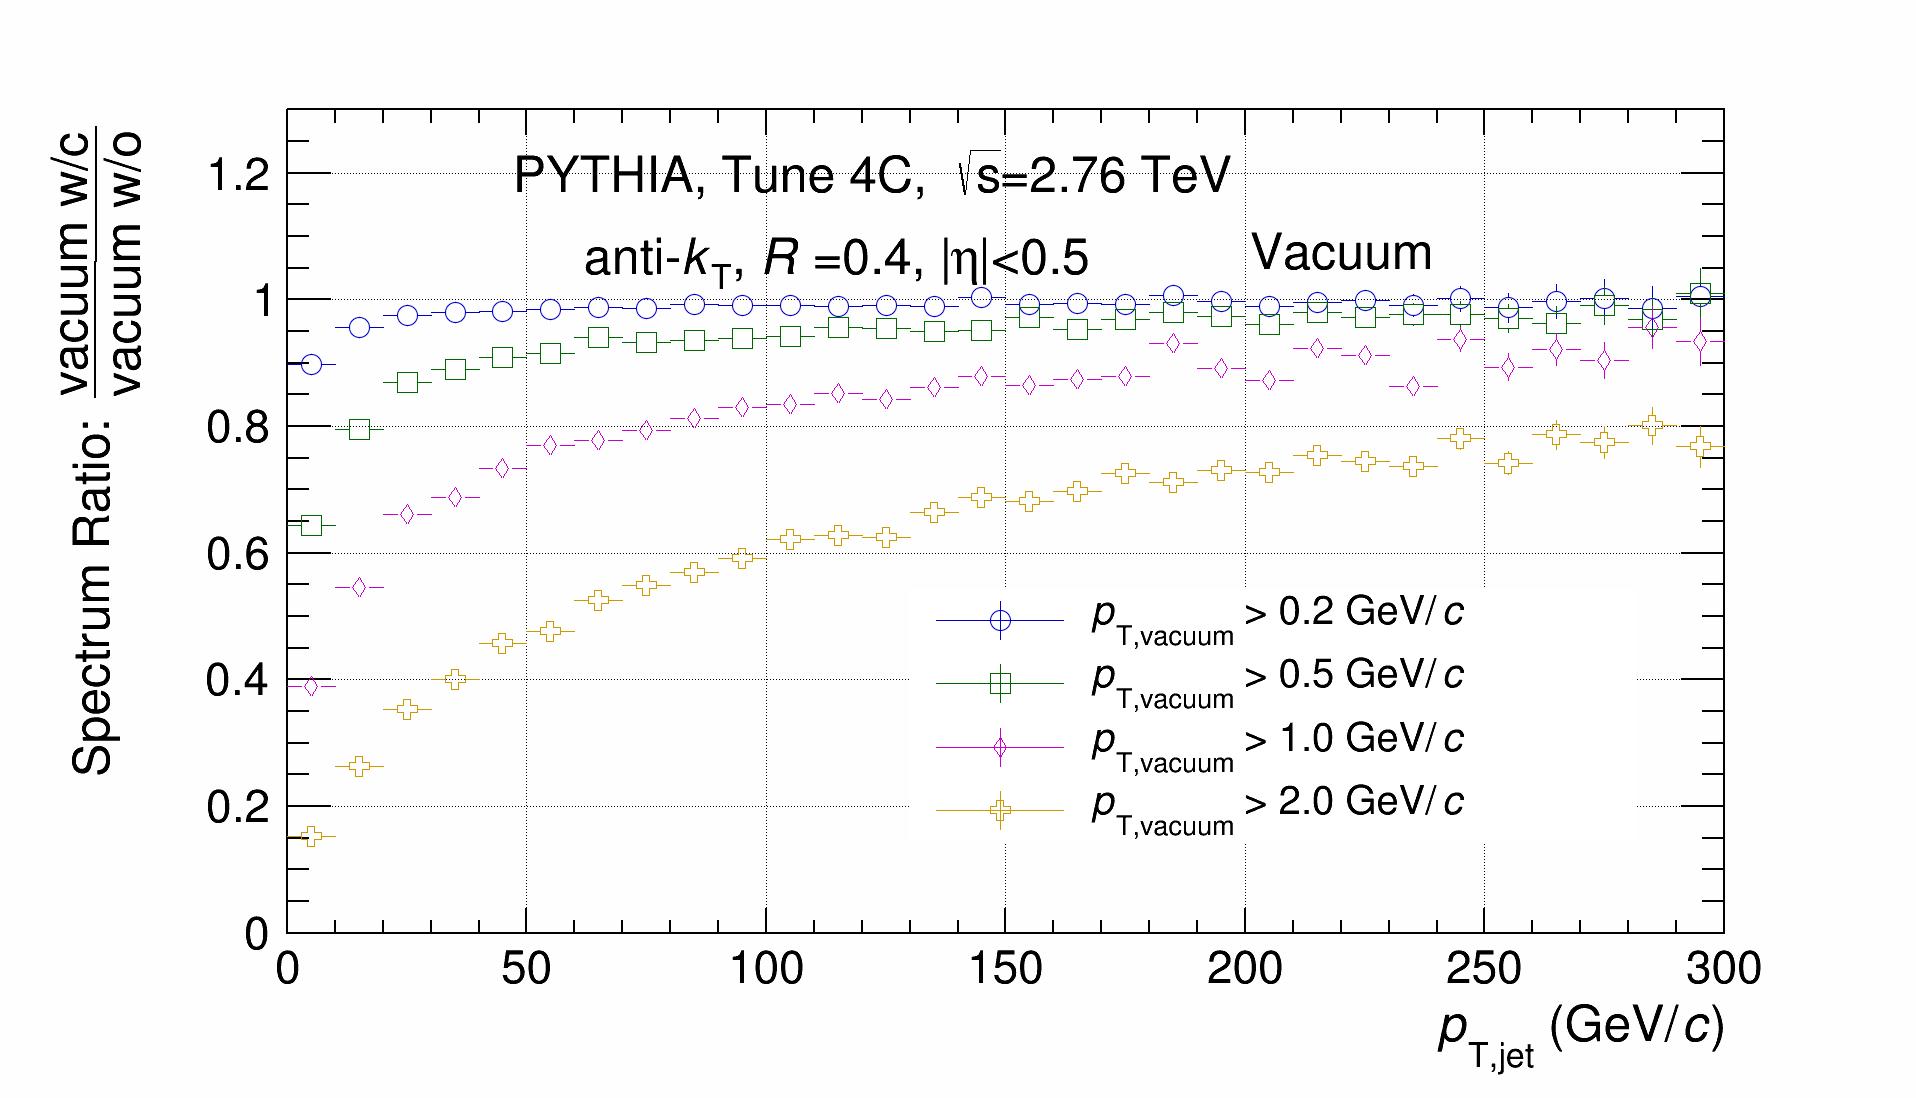 Jet_vacuum_Spectrum_Ratio.png